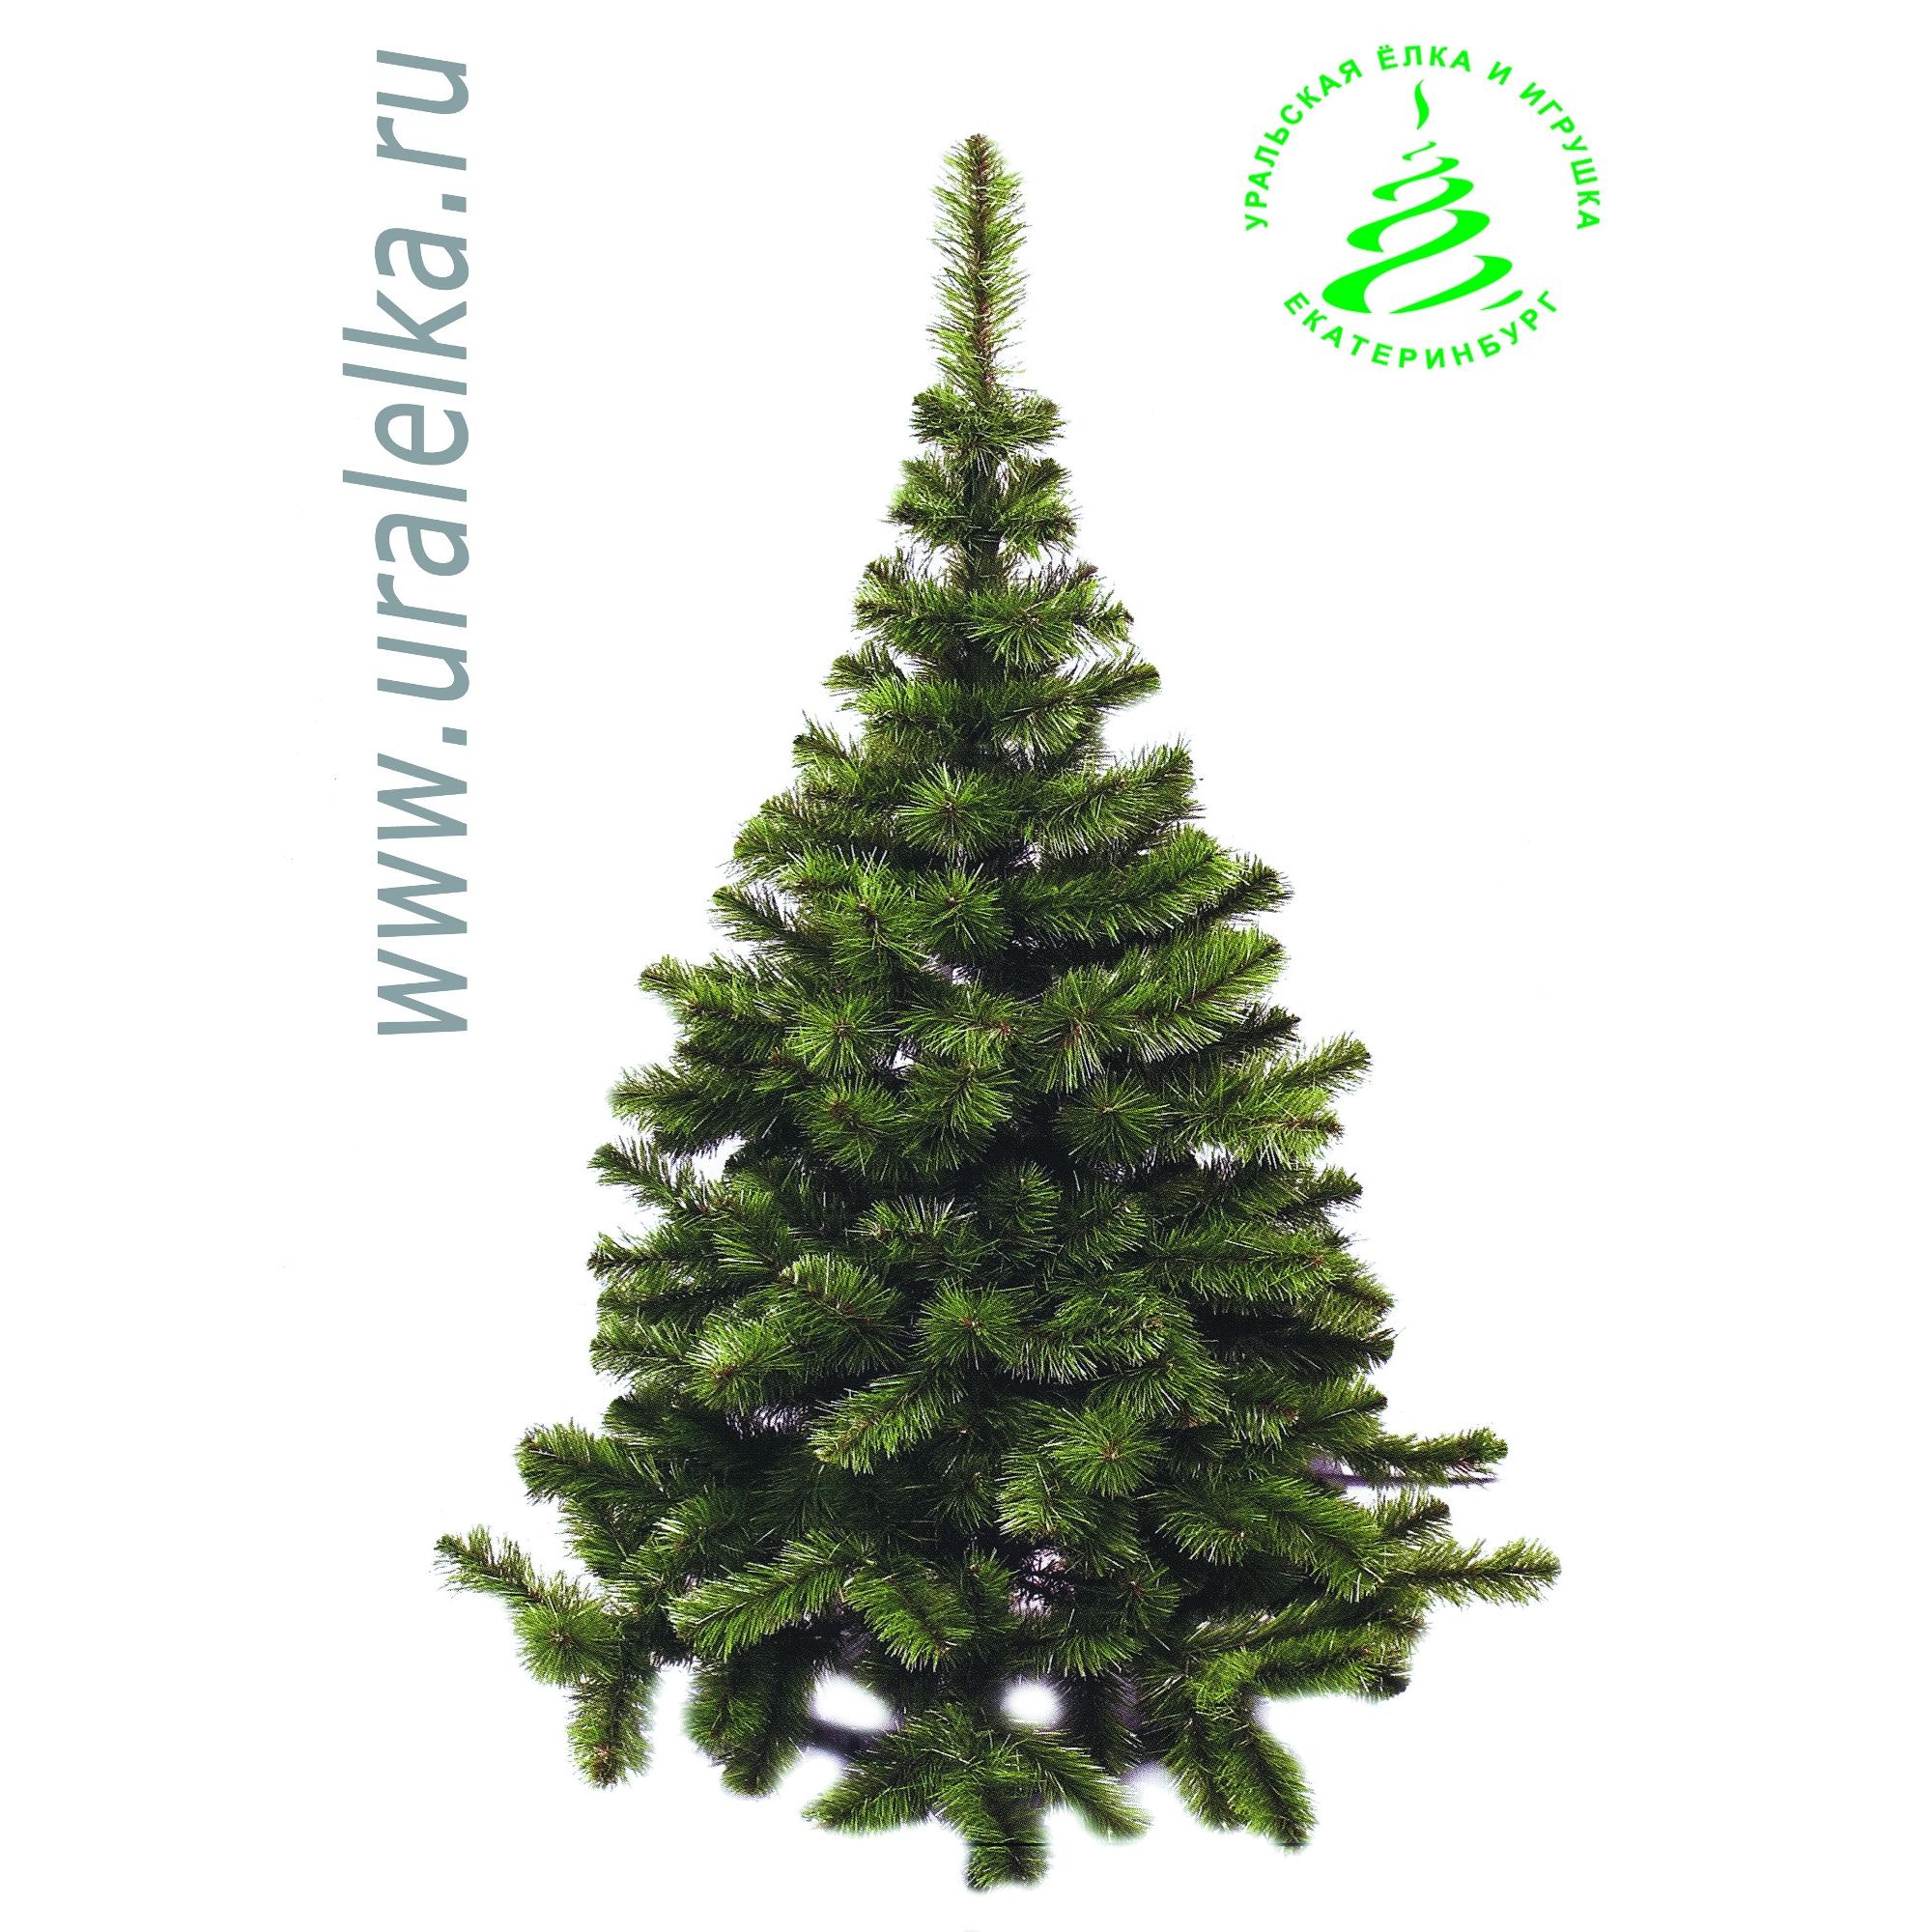 Сбор заказов. Новогодние елки и мишура от производителя. Распродажа!